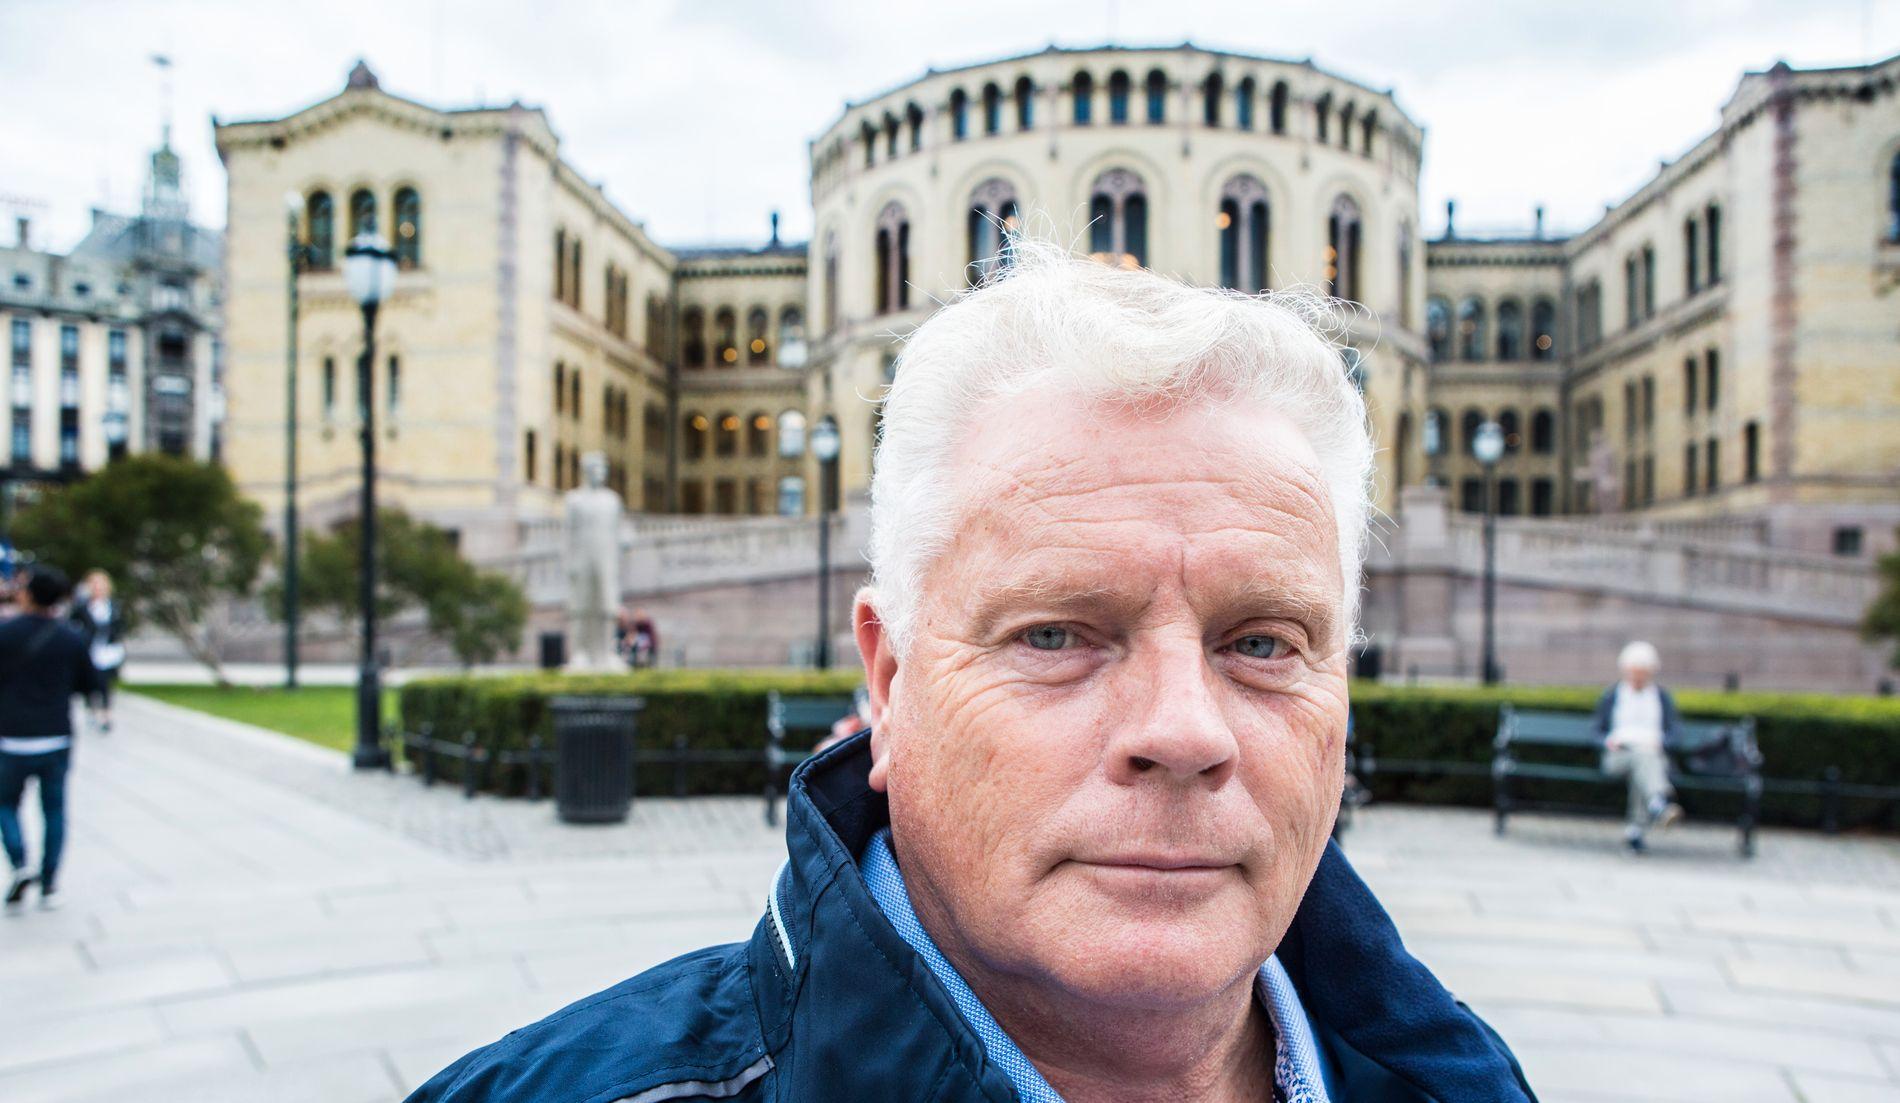 KJEMPER: Forbundsleder Jan Davidsen er stolt over at pensjonistene endelig får mer etter å ha tapt kjøpekraft i flere år.